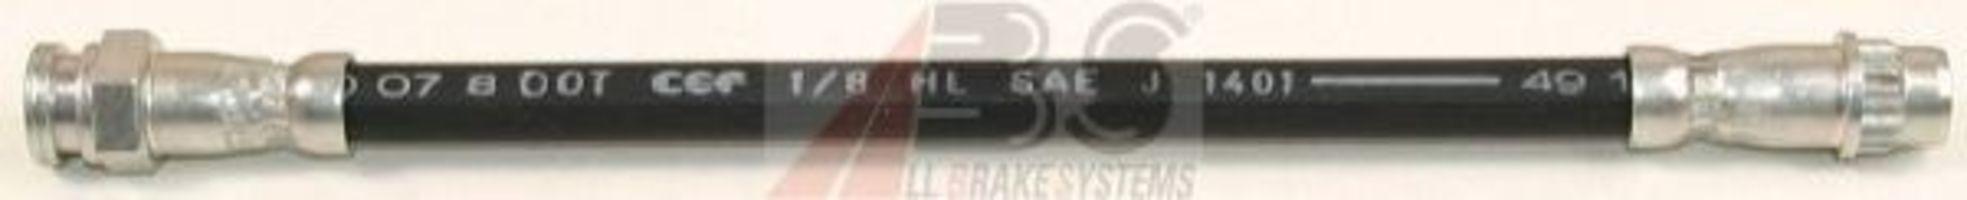 Шланг тормозной A.B.S. SL 5994